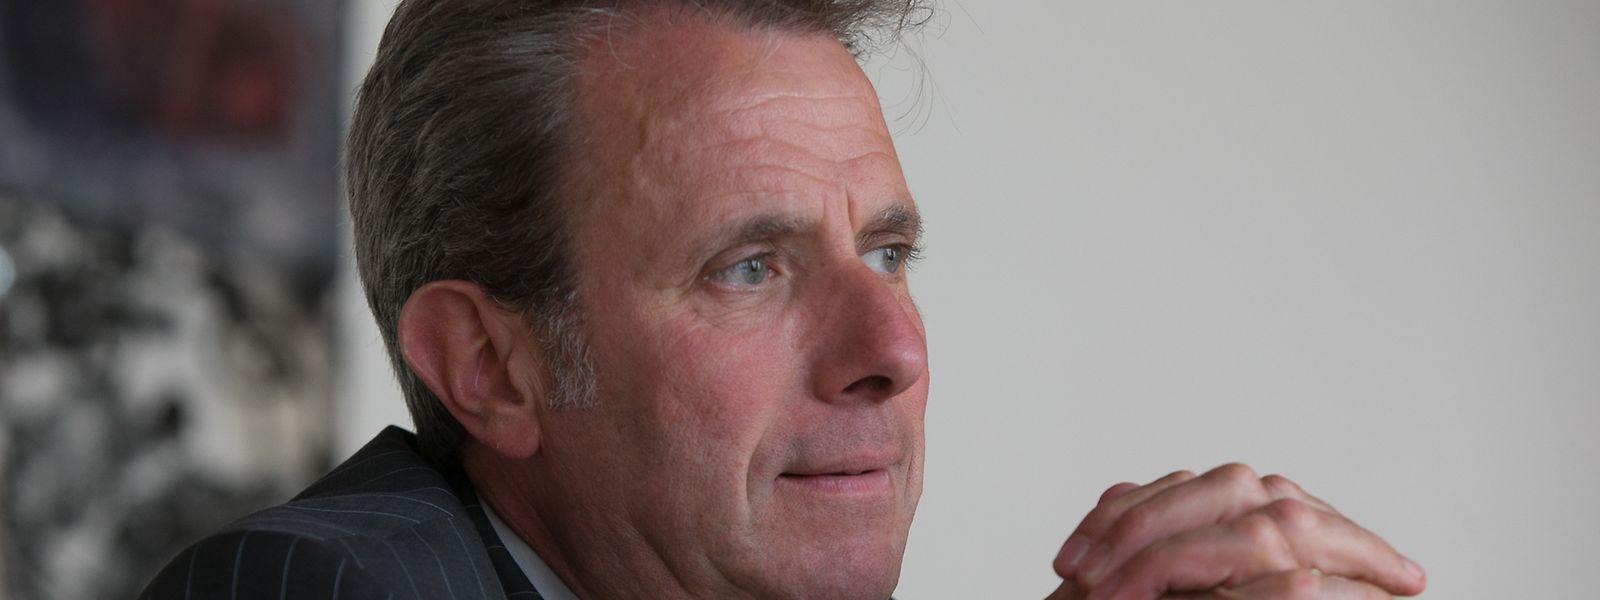 Félix Eischen